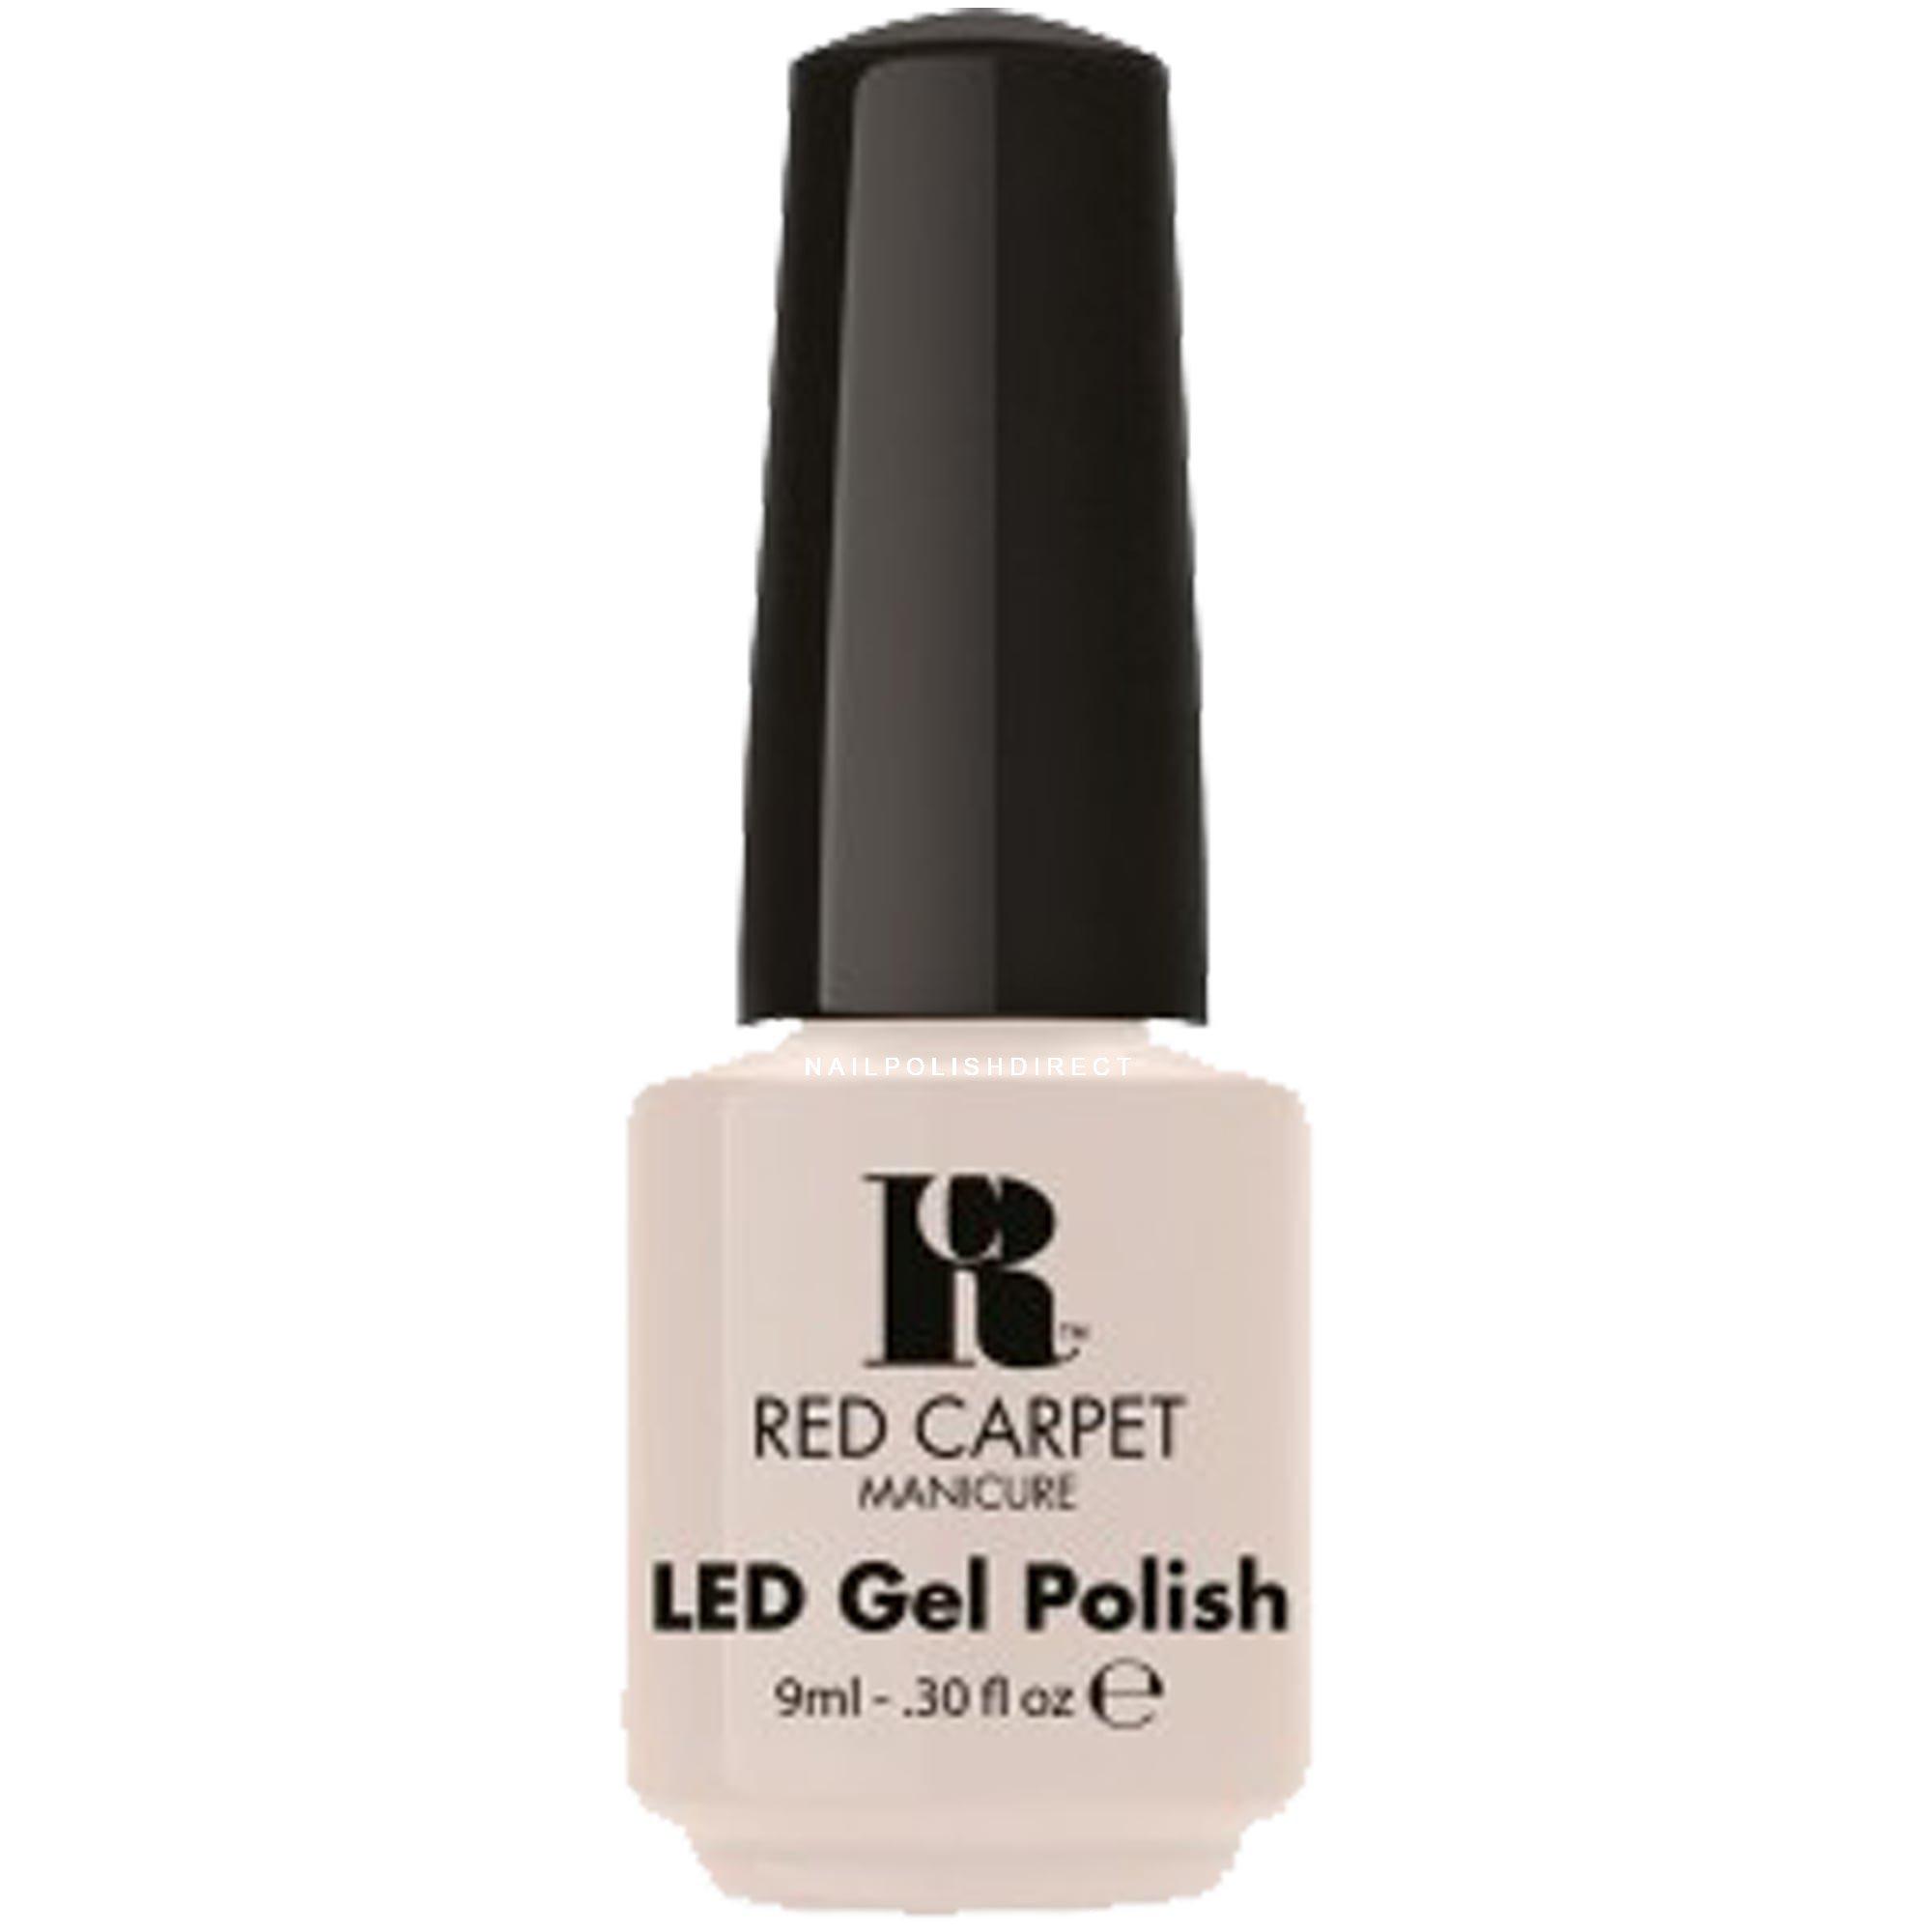 Gel Nail Polish Uk: Red Carpet LED Gel Nail Polish Camera Shy 9ml